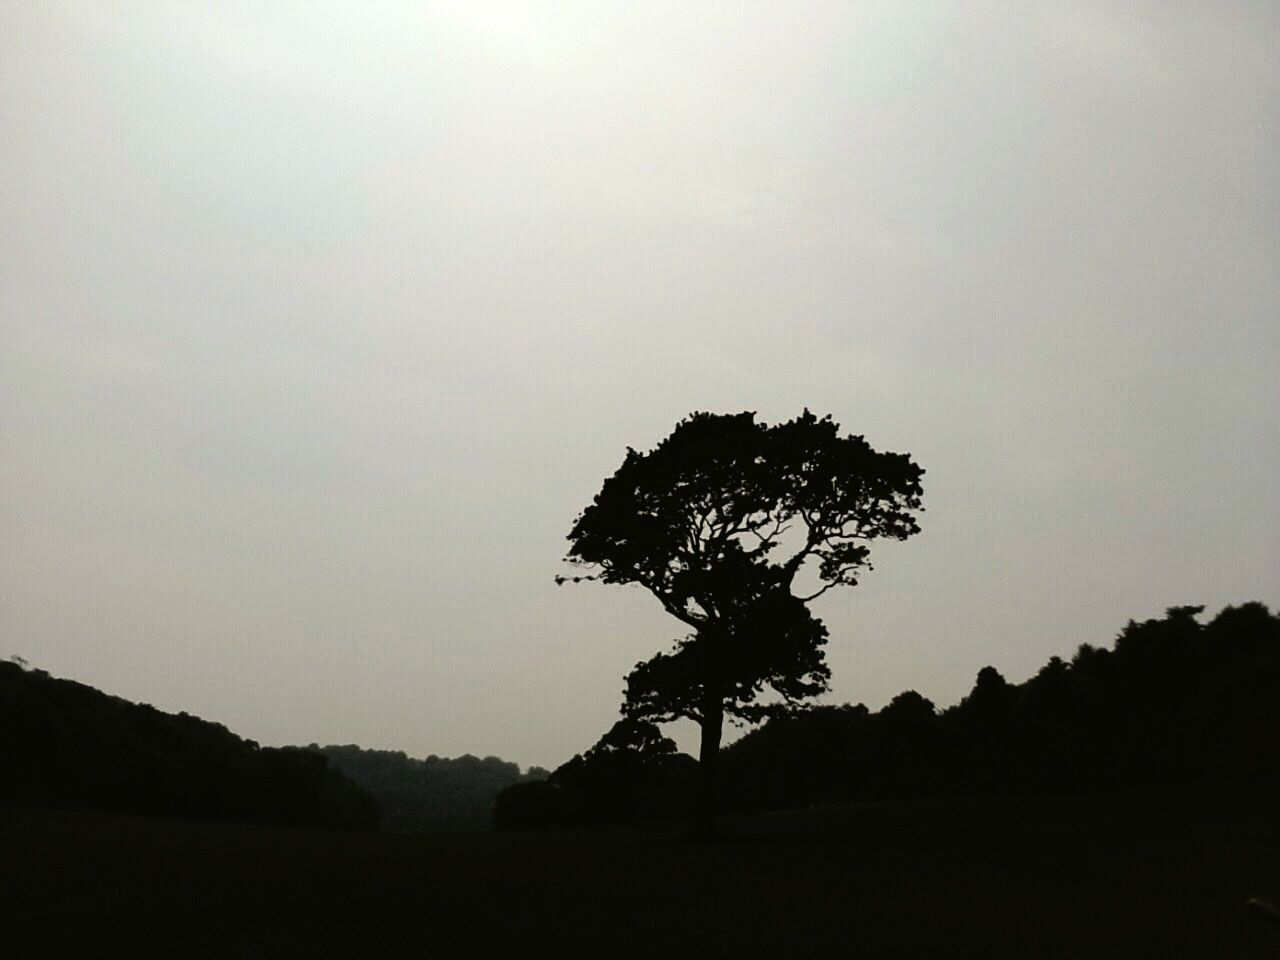 Lonely aok in the meadow Oak Tree Meadow